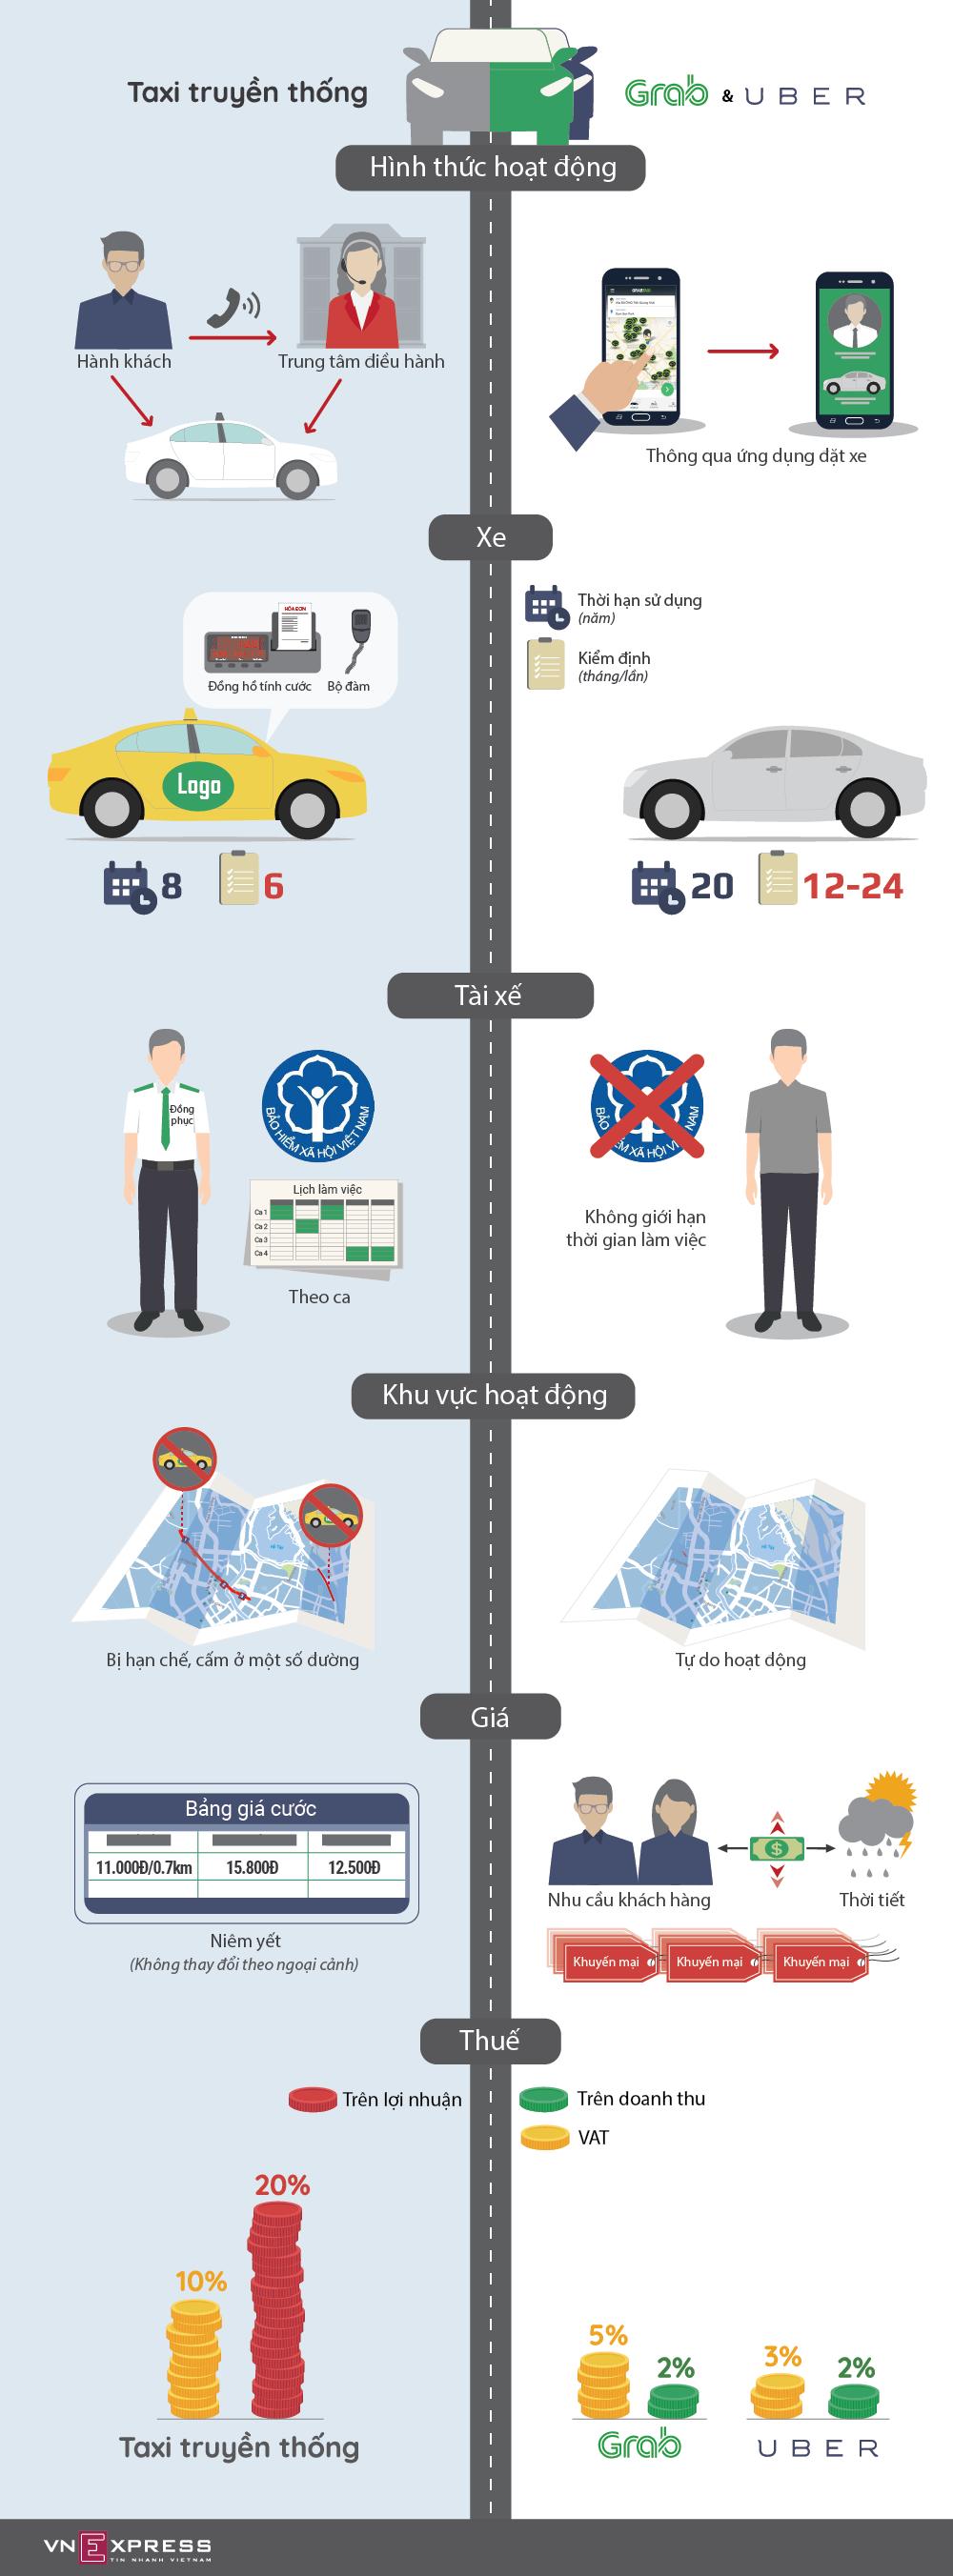 Taxi truyền thống chịu điều kiện kinh doanh khác Uber, Grab thế nào